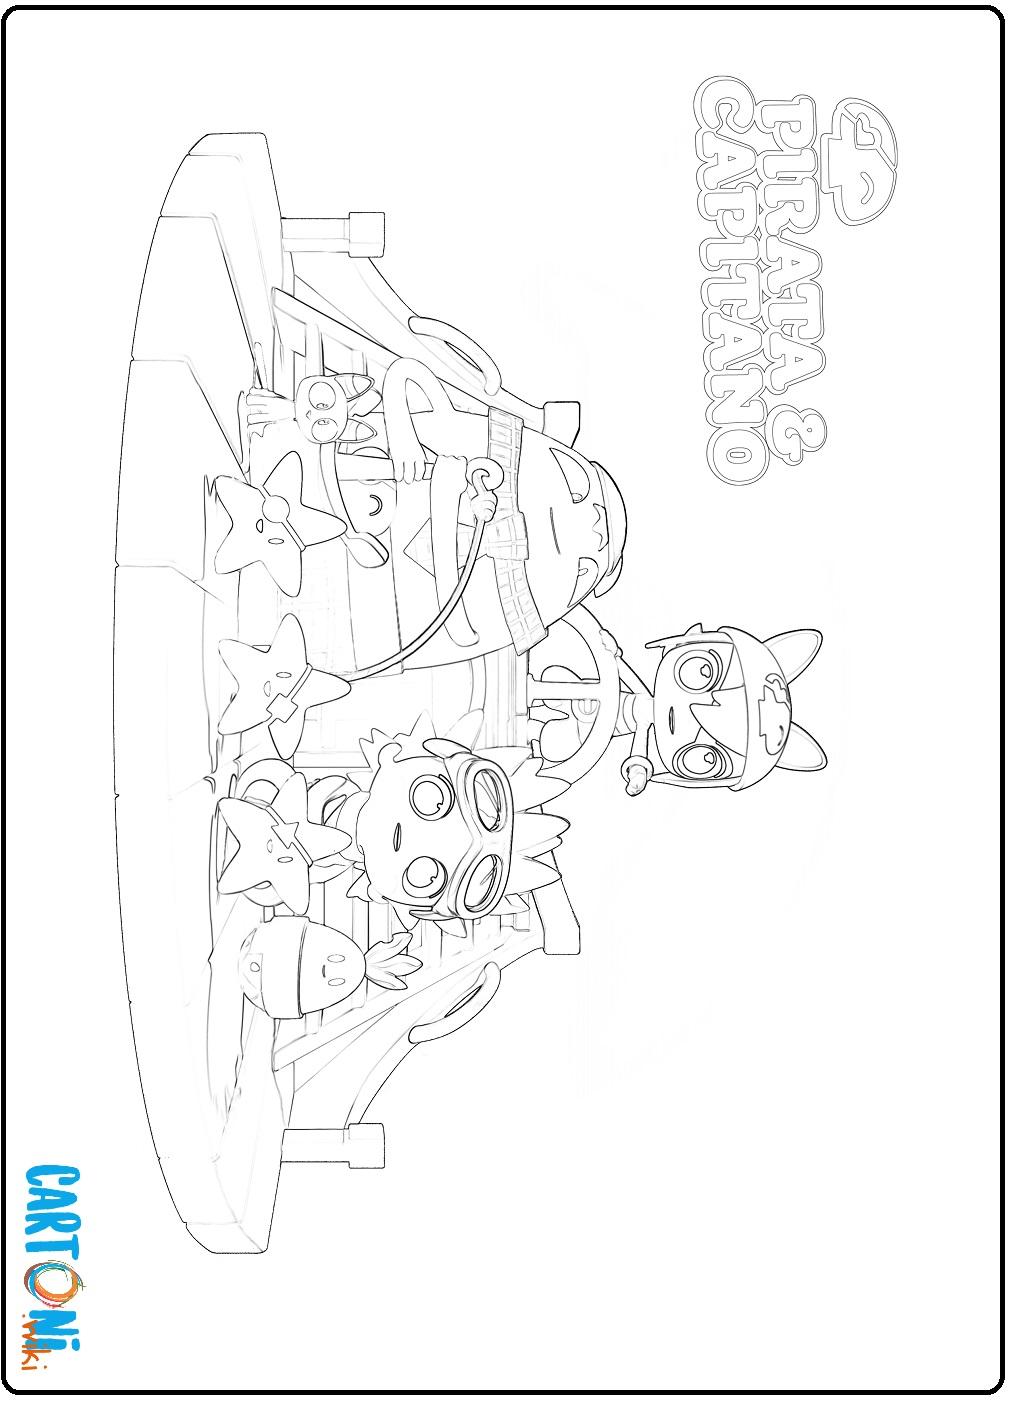 Disegno pirata e capitano da colorare - Stampa e colora